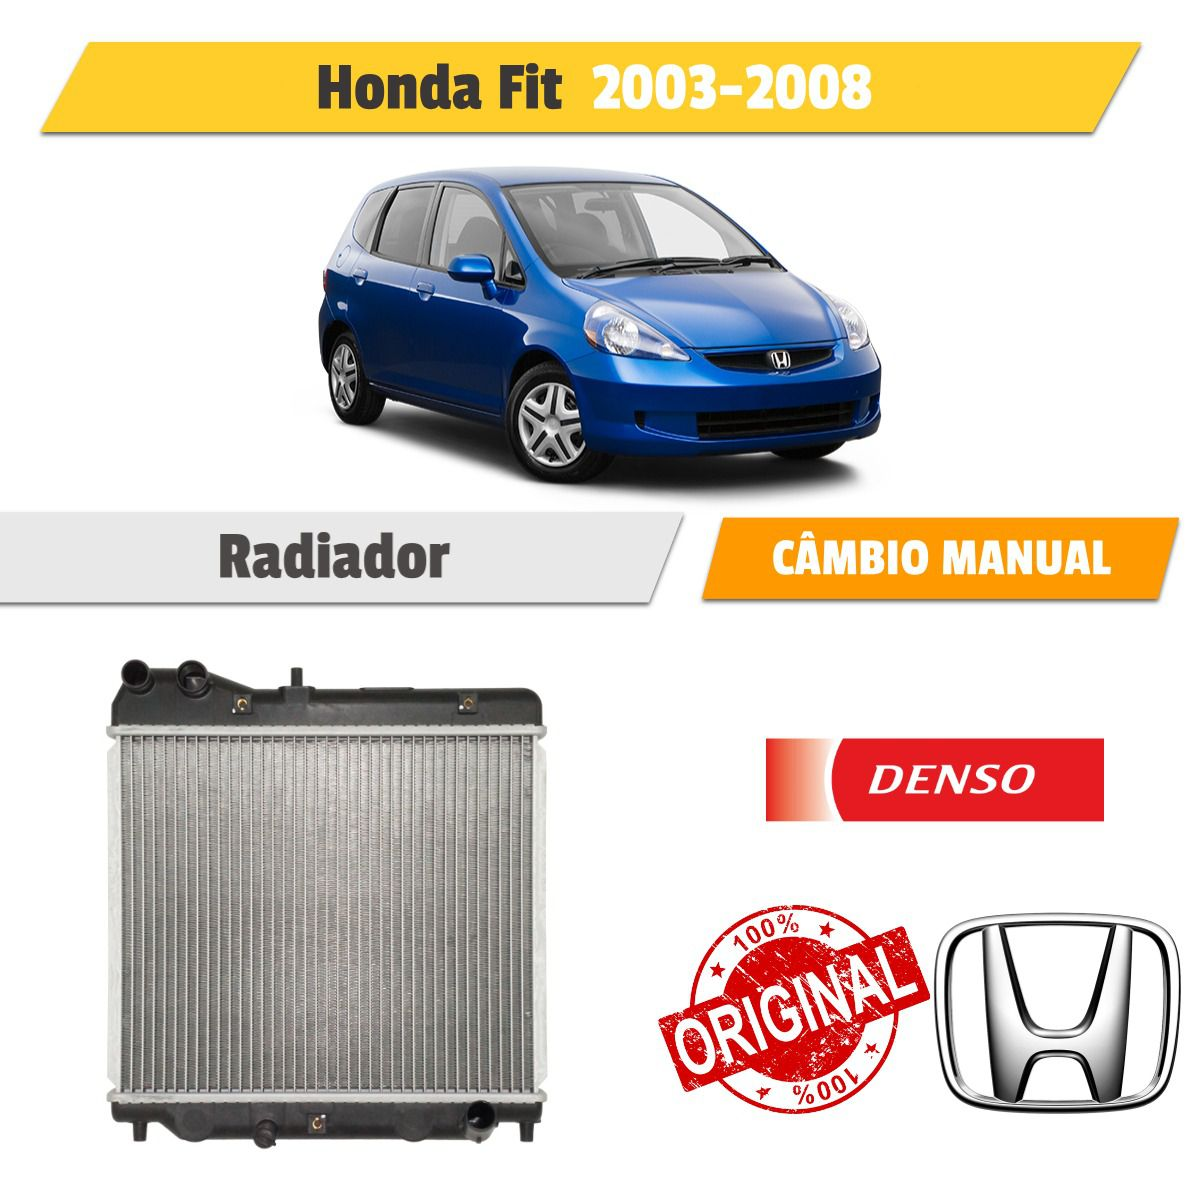 Radiador de Água Honda Fit 1.4 e 1.5 16 Valvulas 2003 a 2008 - Denso